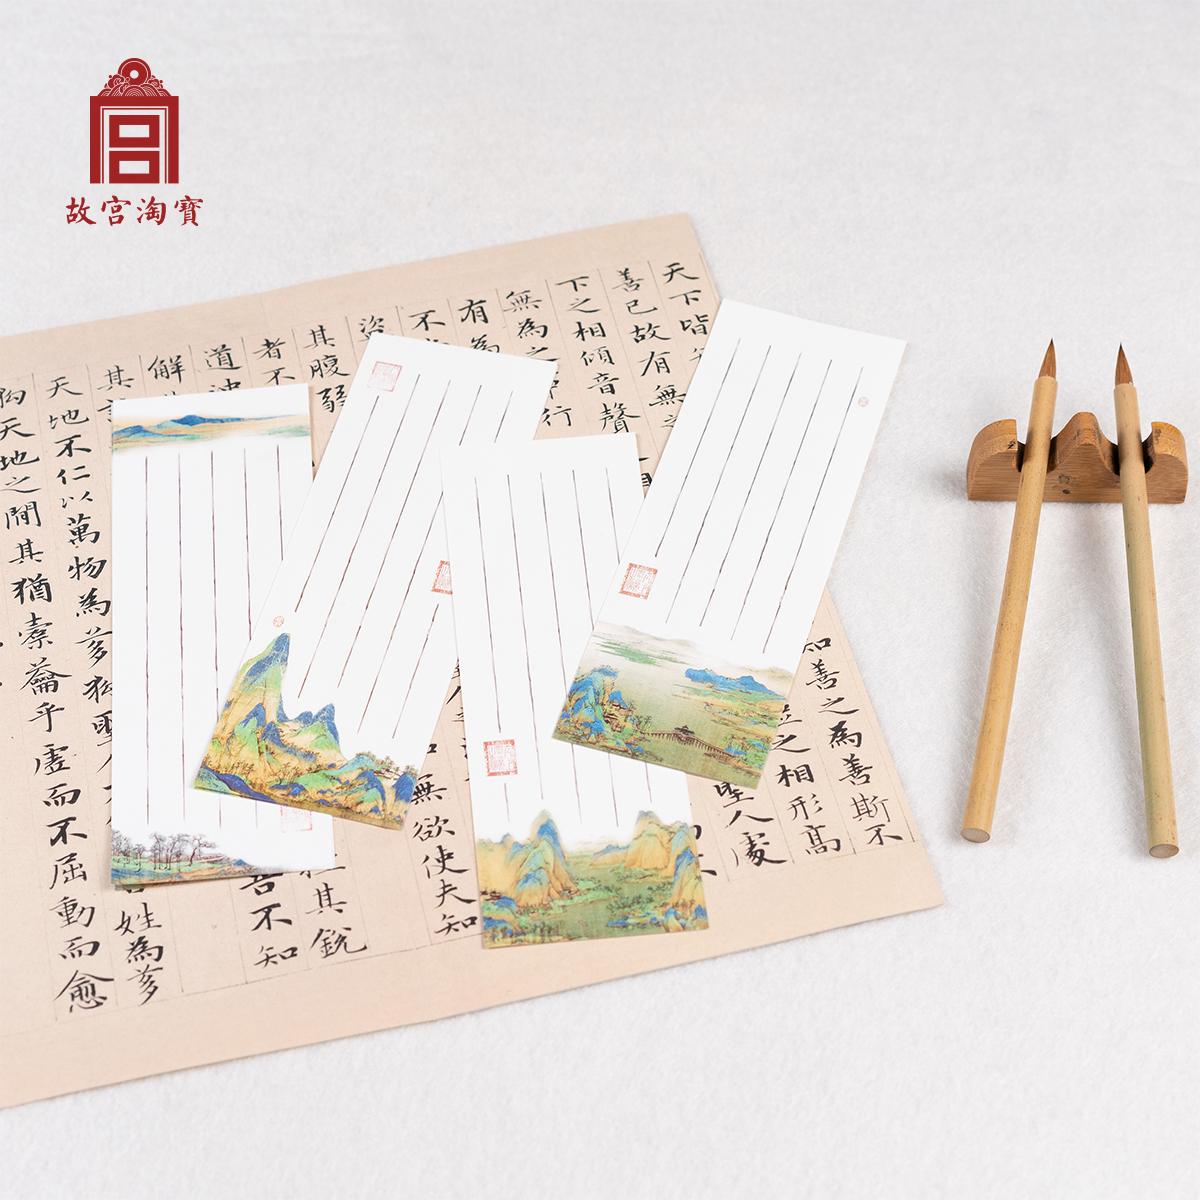 千里江山系列信笺 故宫淘宝